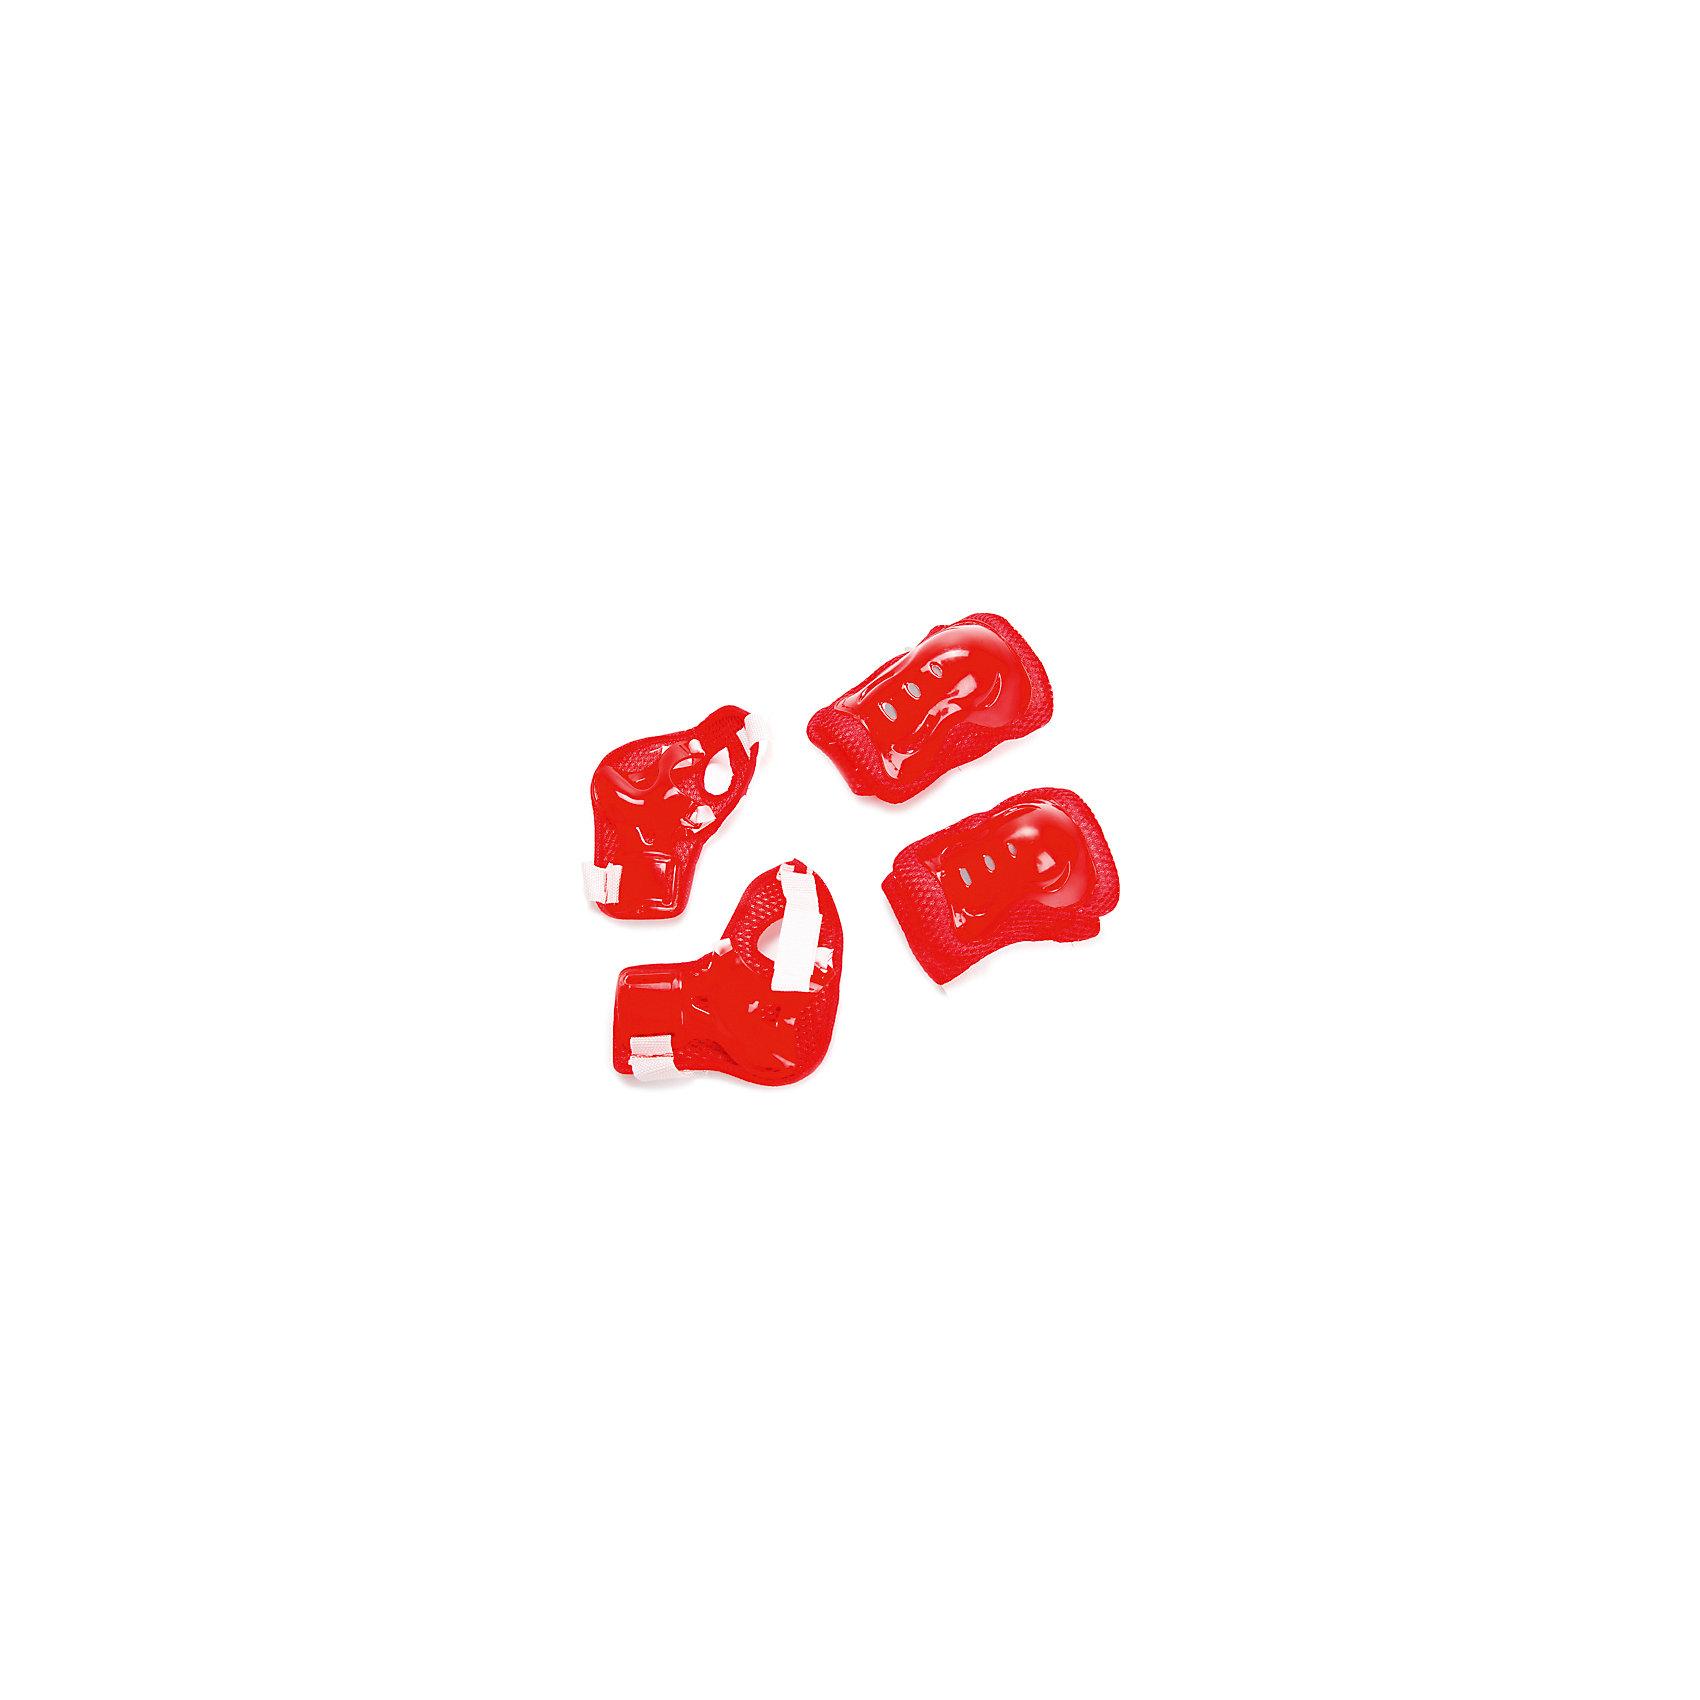 Комплект защиты для колен, локтей, запястий, Маша и МедведьЗащита, шлемы<br>Характеристики товара:<br><br>• цвет: красный<br>• материал: текстиль, пластик<br>• возраст: от 3 лет<br>• упаковка: сетка<br>• размеры упаковки: 8х33х19 см<br>• вес: 150 гр.<br><br>Комплект защиты просто необходим  при обучении детей катанию на роликах, самокате или велосипеде. Благодаря защитным аксессуарам из набора колени, локти и запястья юного ездока будут надежно защищены от травм и ушибов при падениях.<br><br>На корпусе изделий предусмотрены липучки, поэтому ребенок самостоятельно сможет застегивать их на себе. Отверстия на поверхности аксессуаров обеспечивают постоянную вентиляцию воздуха, что делает процесс катания более комфортным.<br><br>Защитные атрибуты выполнены из ударопрочного пластика высокого качества, а также гипоаллергенного текстильного материала, дополнительно смягчающего удары.<br><br>Комплект защиты для колен, локтей, запястий, Маша и Медведь можно купить в нашем интернет-магазине.<br><br>Ширина мм: 80<br>Глубина мм: 330<br>Высота мм: 190<br>Вес г: 150<br>Возраст от месяцев: 36<br>Возраст до месяцев: 84<br>Пол: Унисекс<br>Возраст: Детский<br>SKU: 5603780